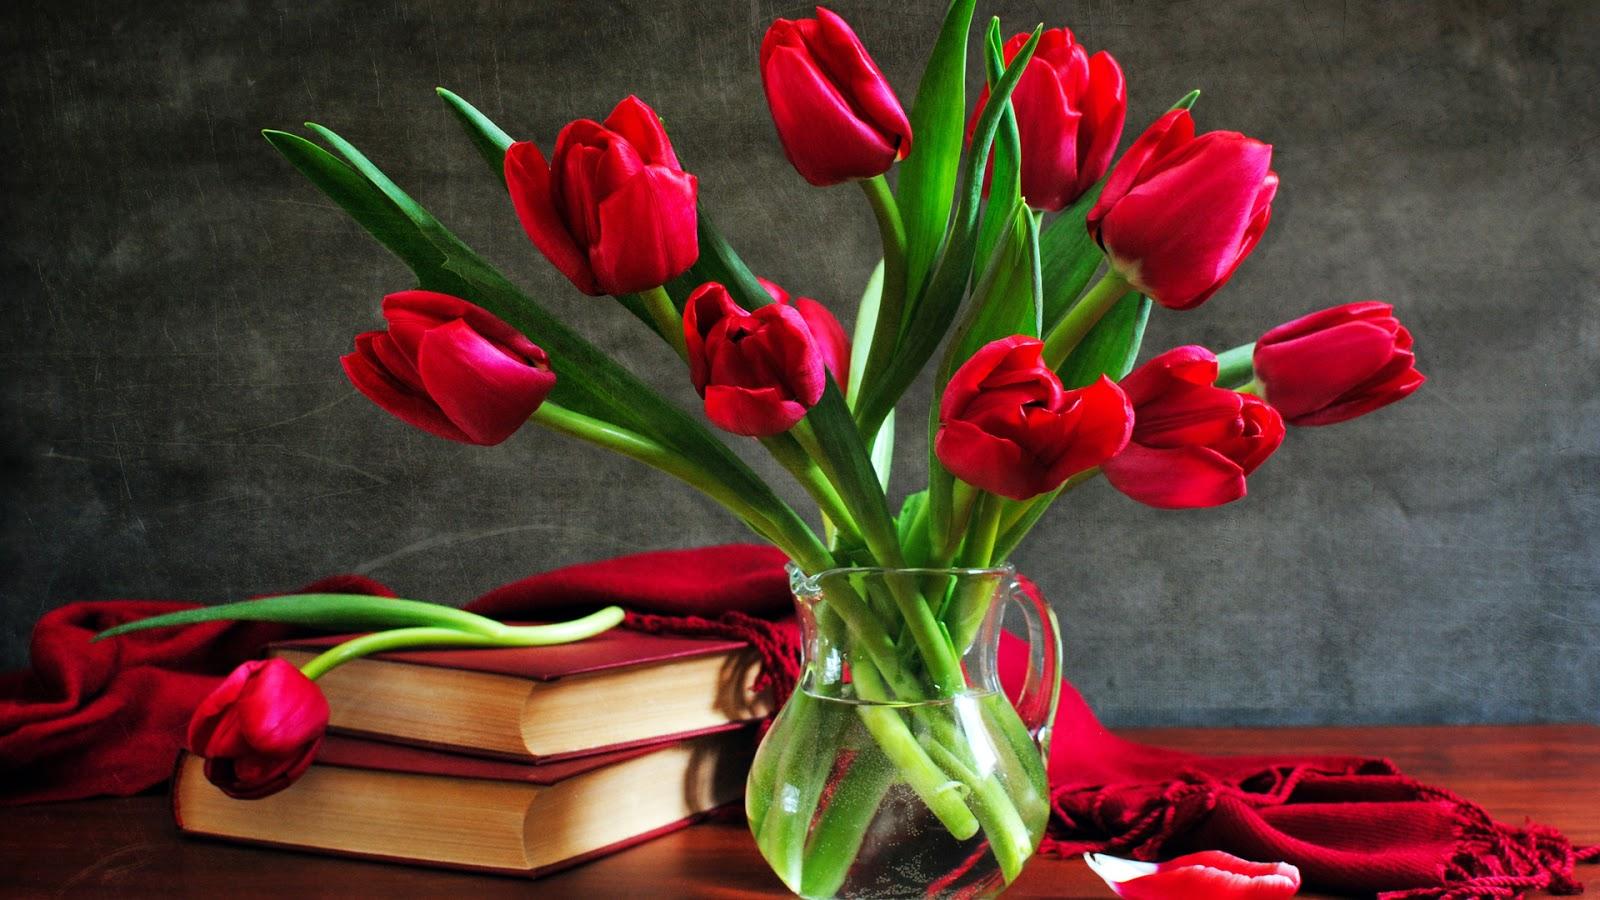 Red Roses Stills